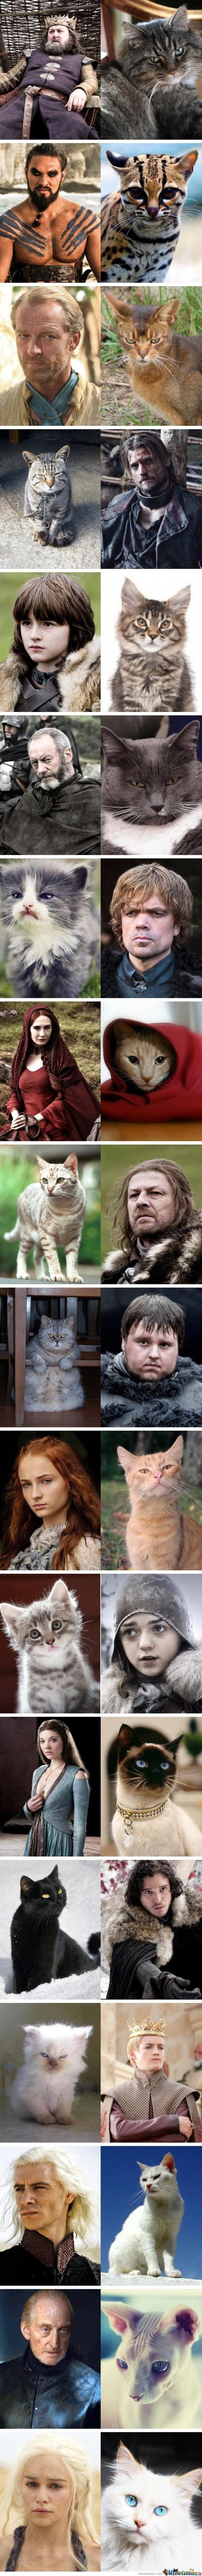 If GOT were cats